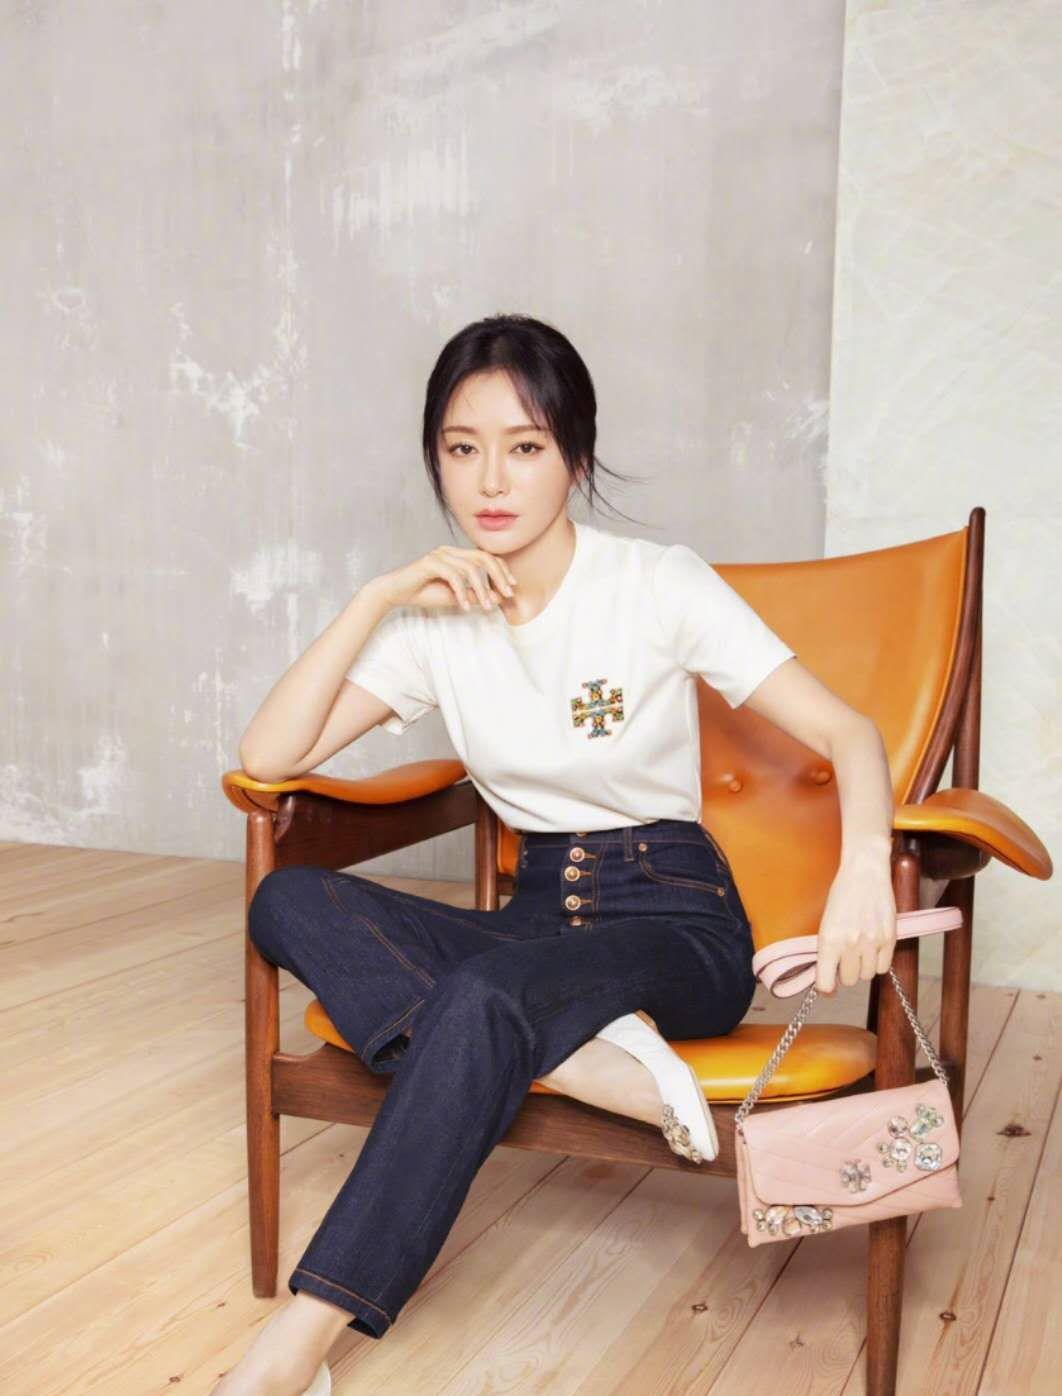 秦岚新大使官宣!宣传大片优雅大气,38岁的她时尚资源令人羡慕